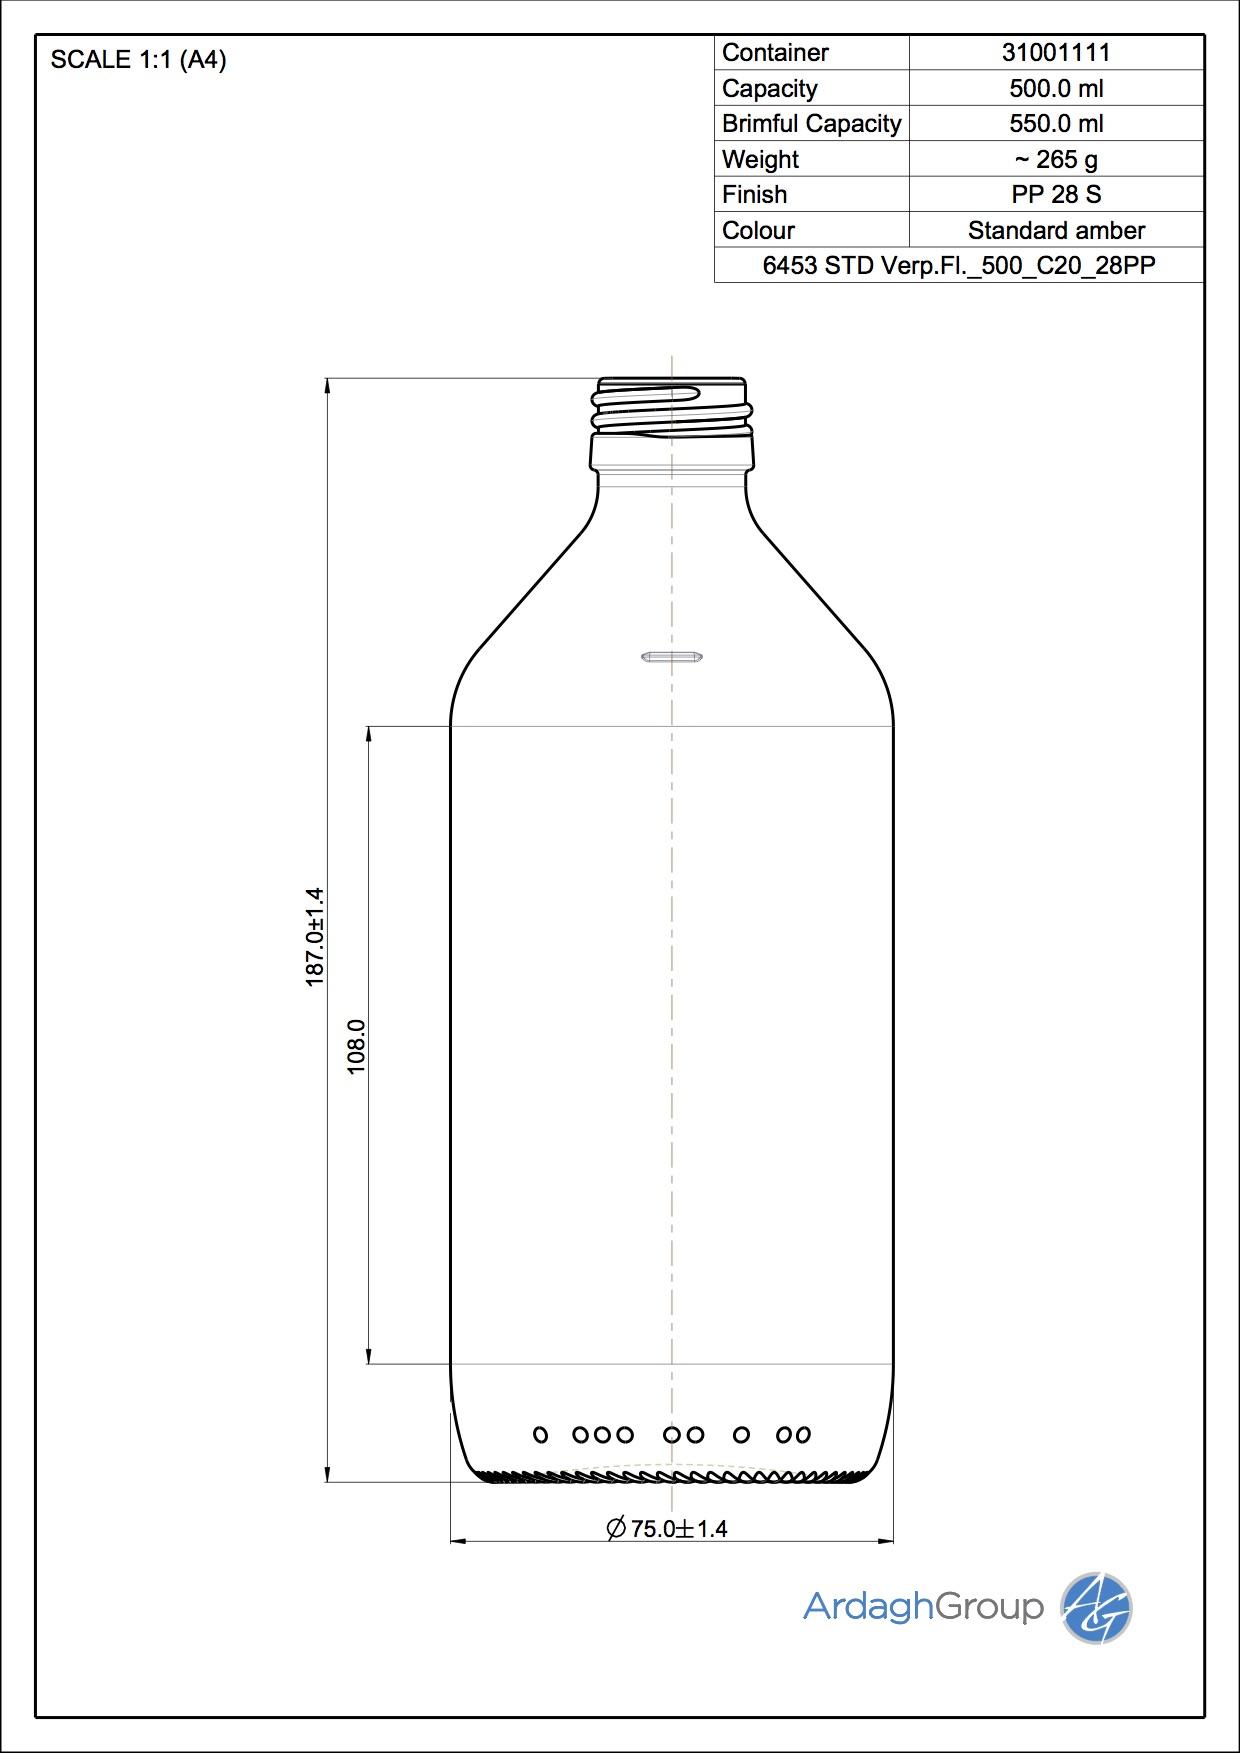 6453 Verpackungsfl 500 C20 28PP